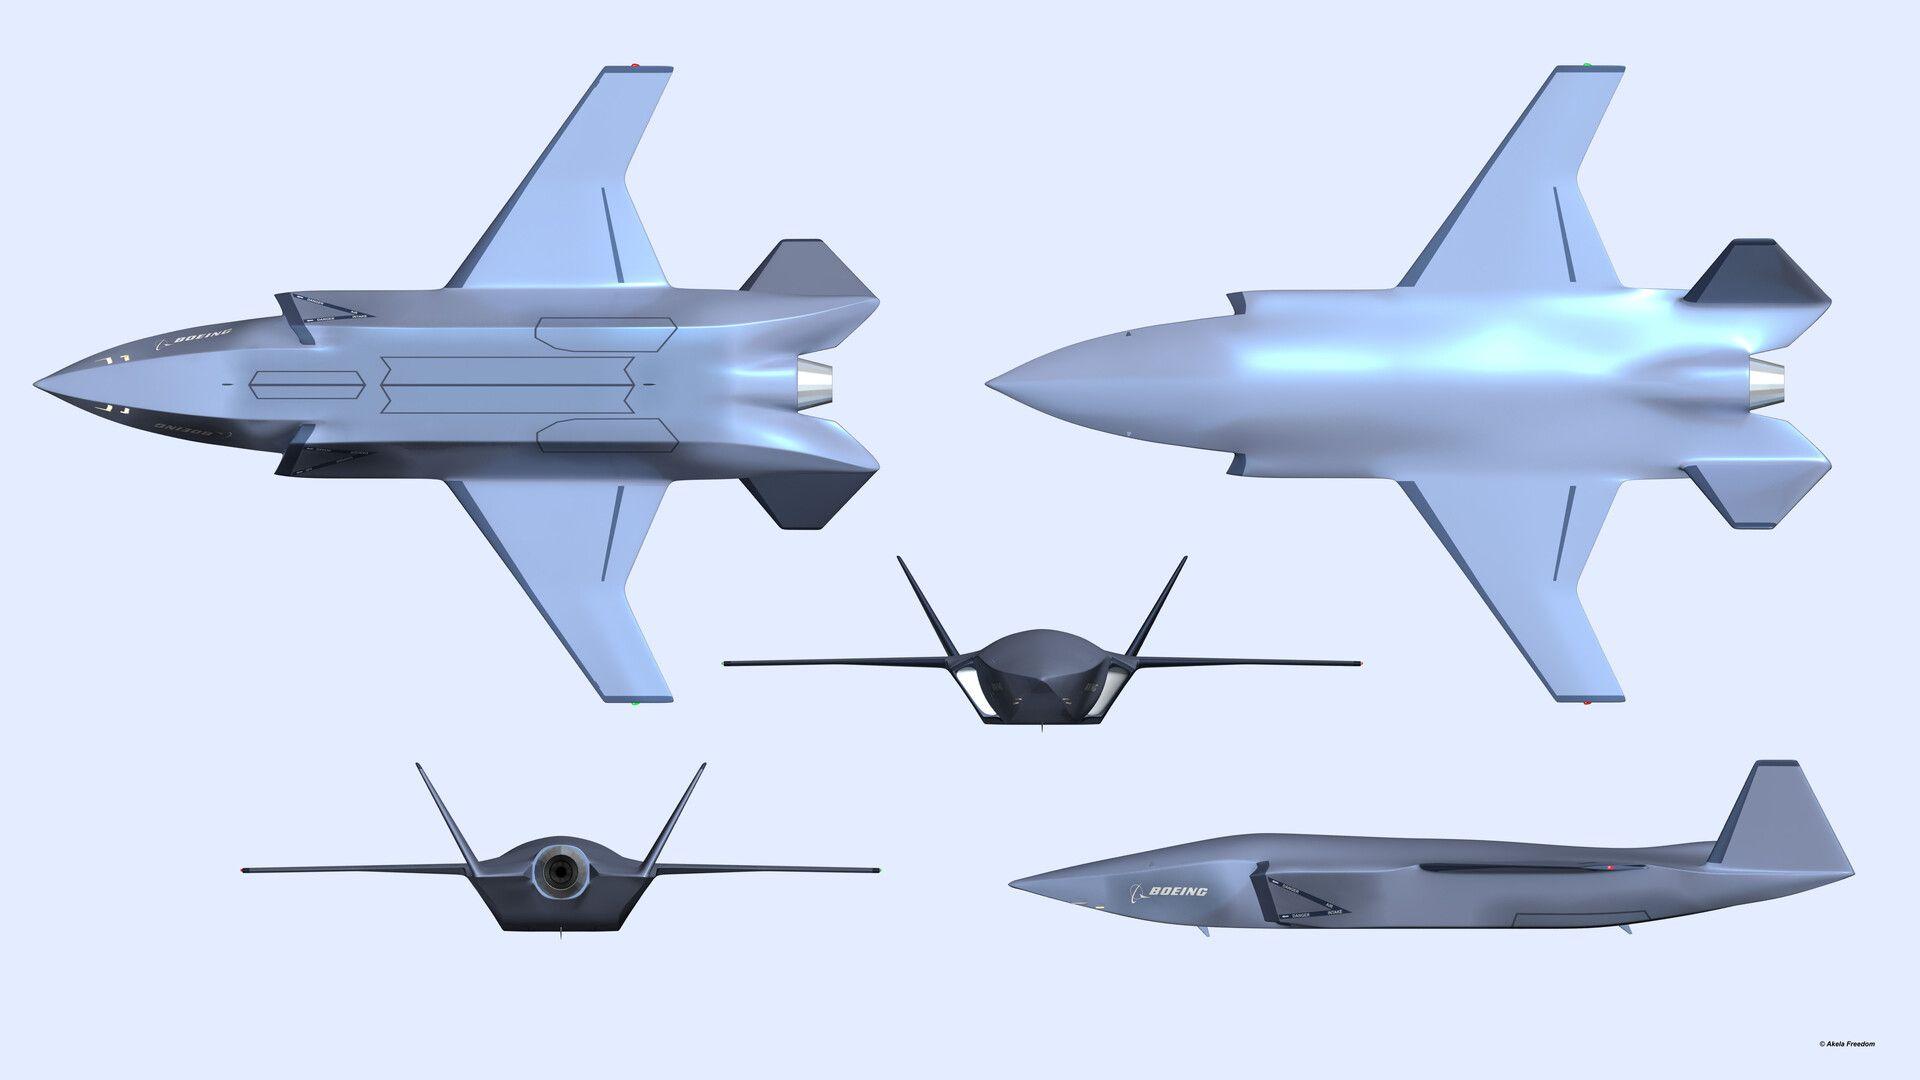 RAAF_Airpower_Teaming_System_Drone-1.jpg